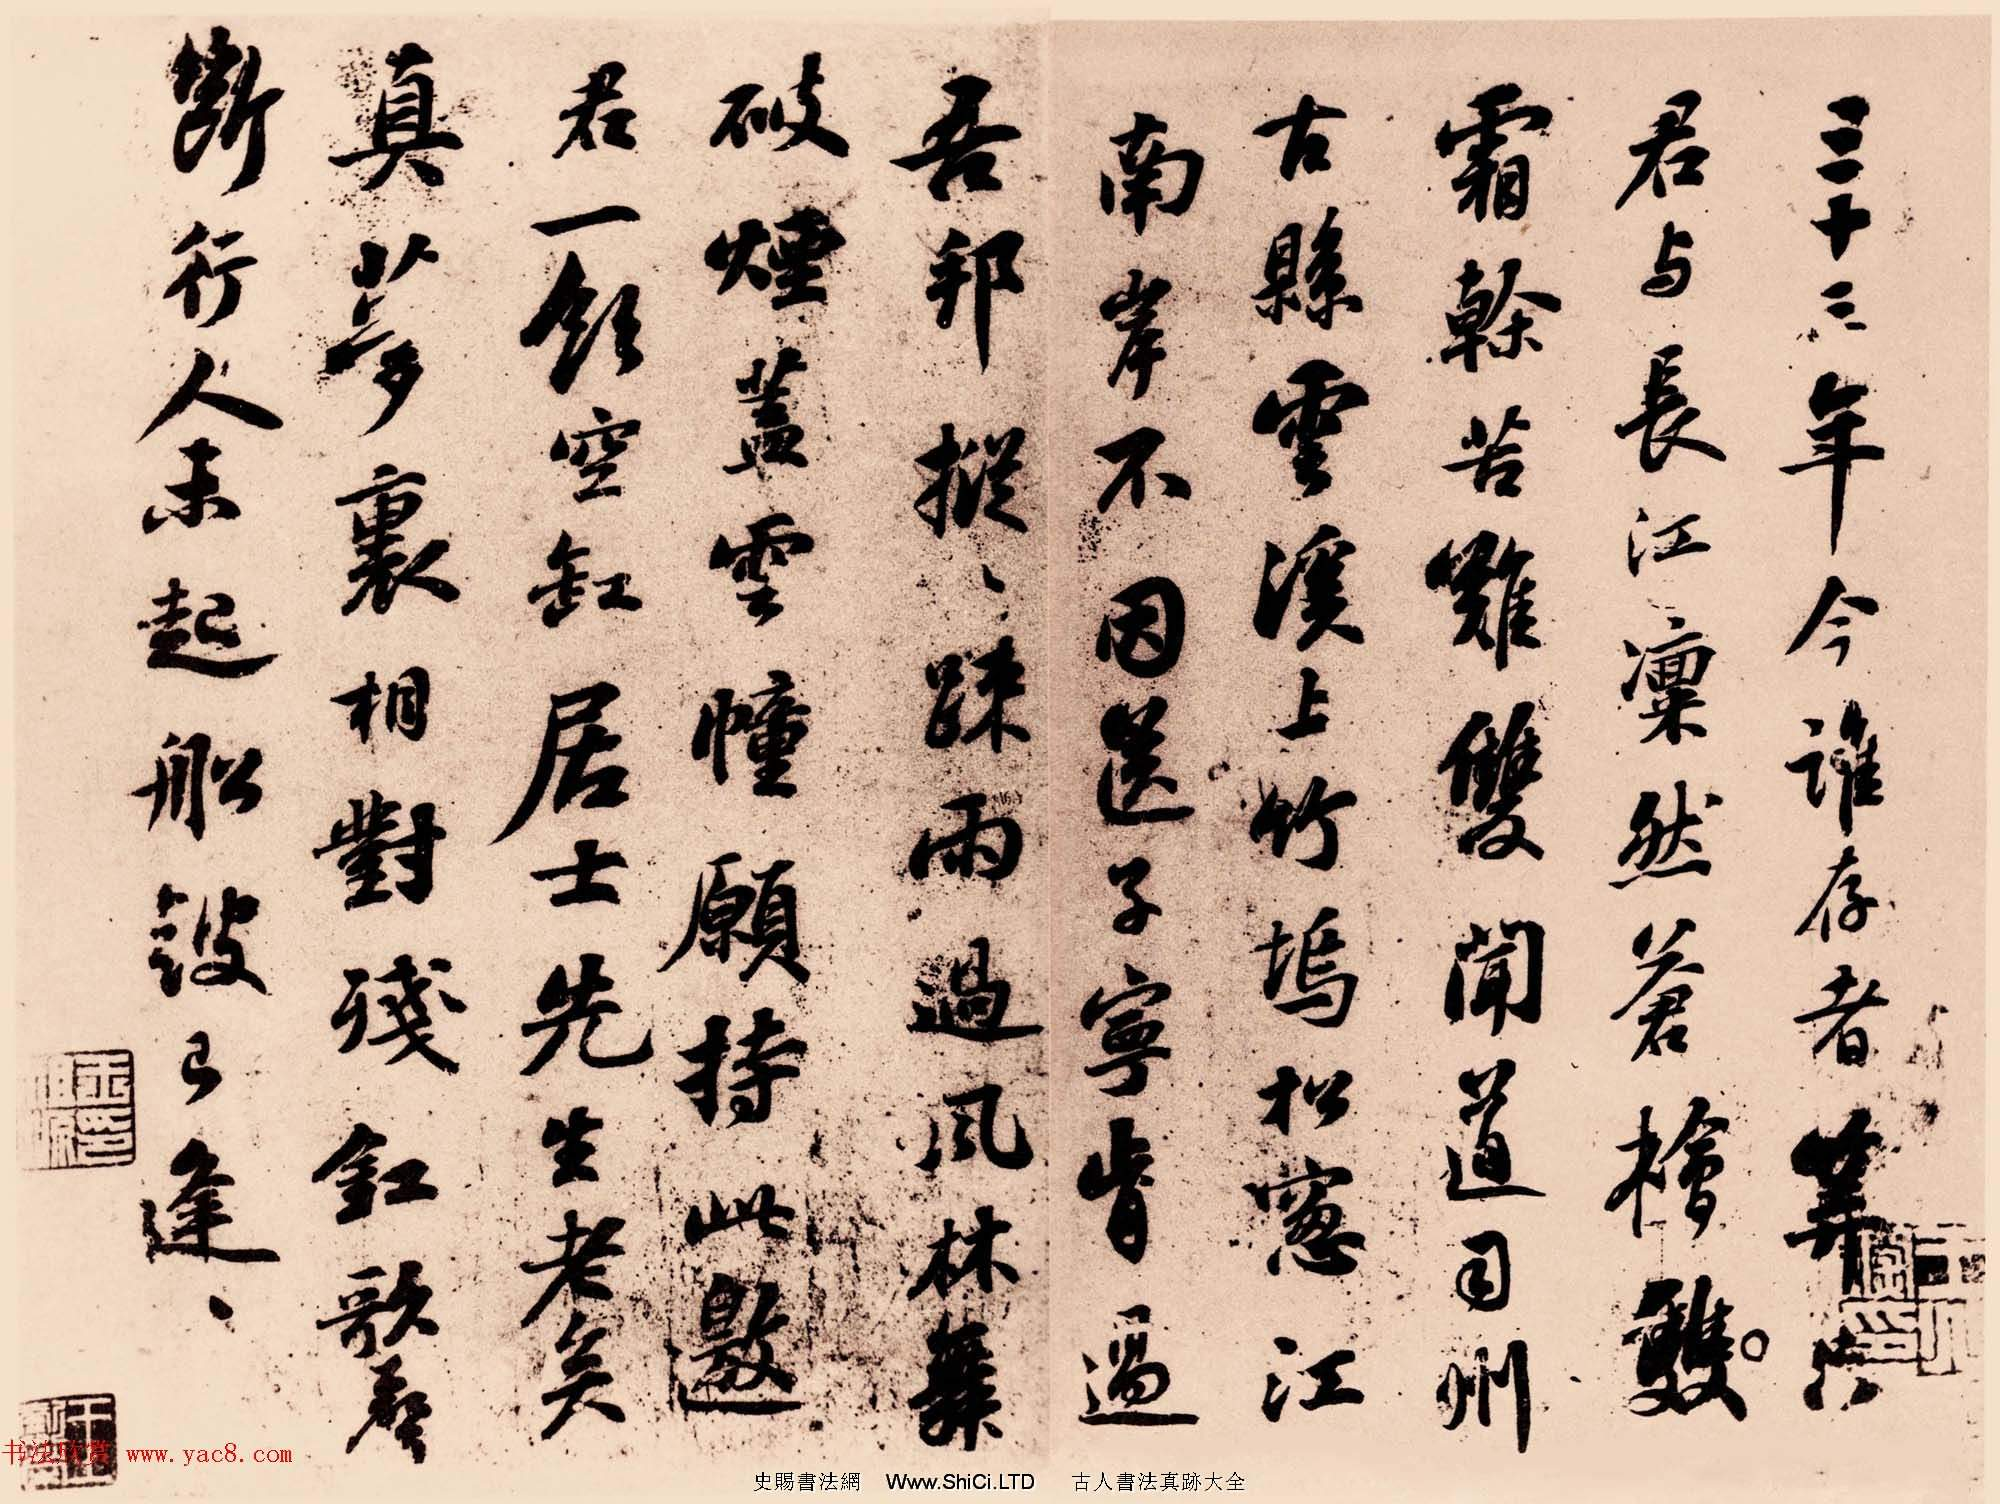 宋代蘇軾行書墨跡賞析《滿庭芳詞》(共3張圖片)